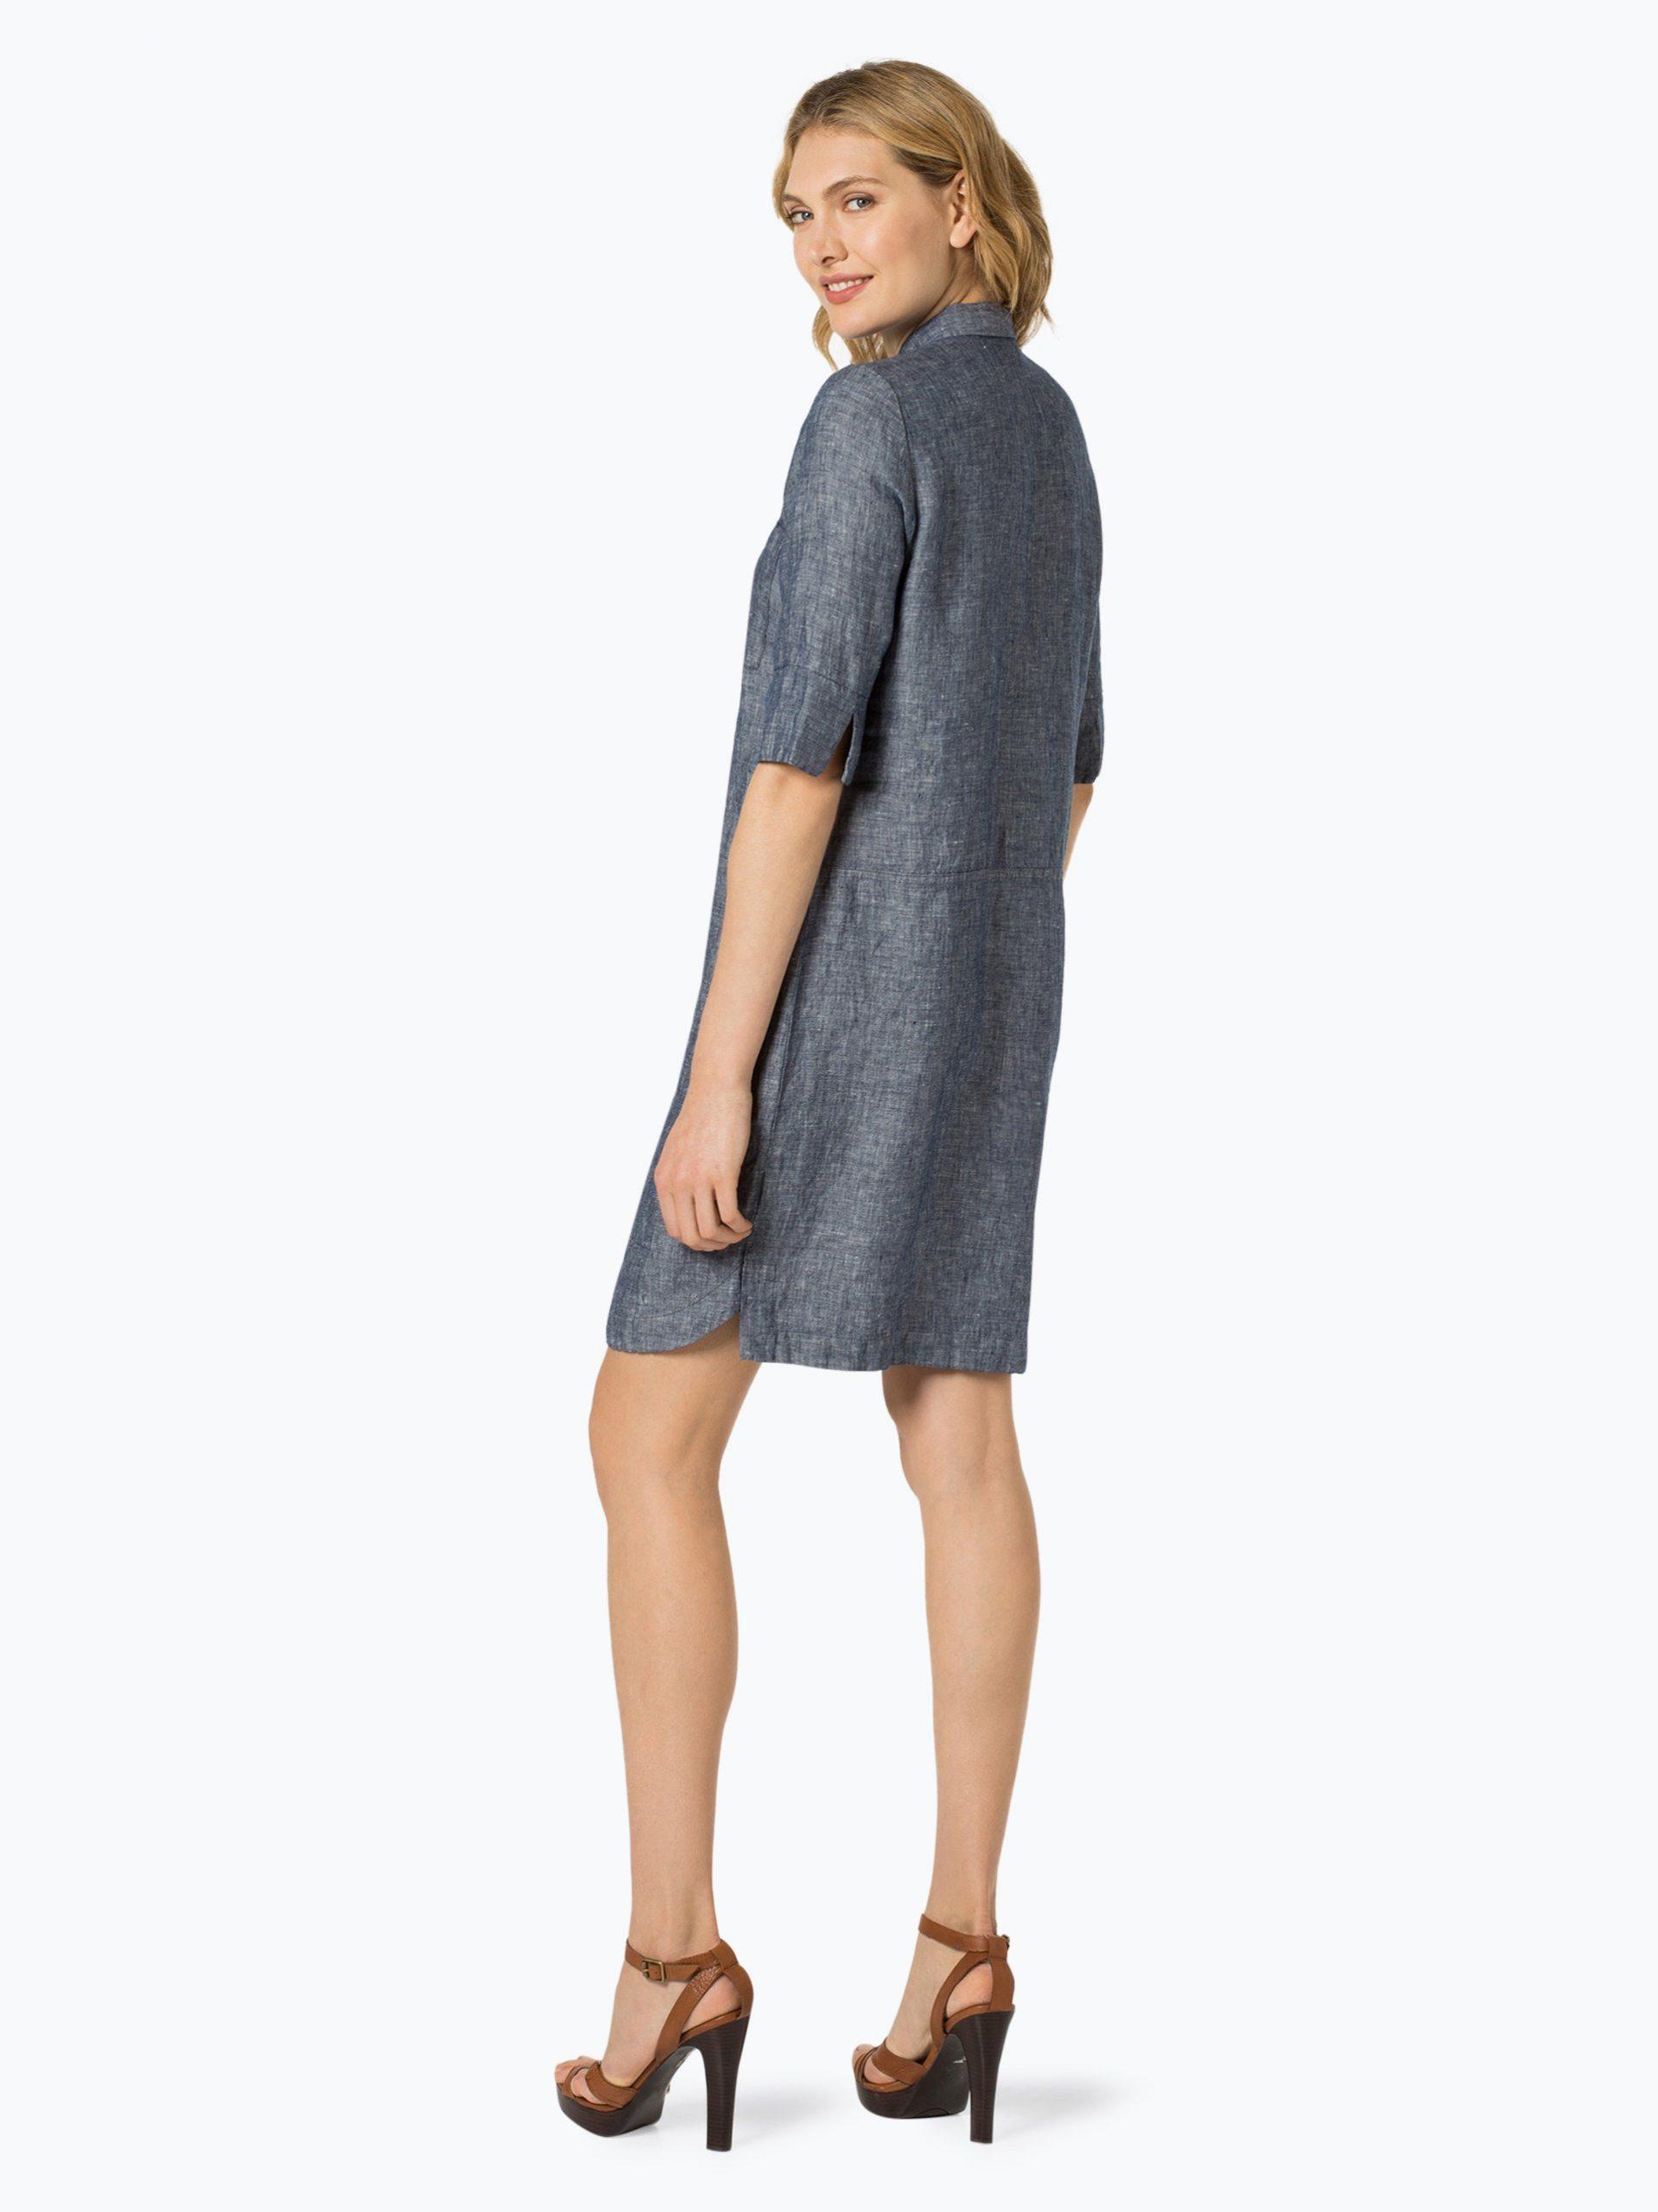 Opus Damen Kleid Aus Leinen  Willmar Online Kaufen